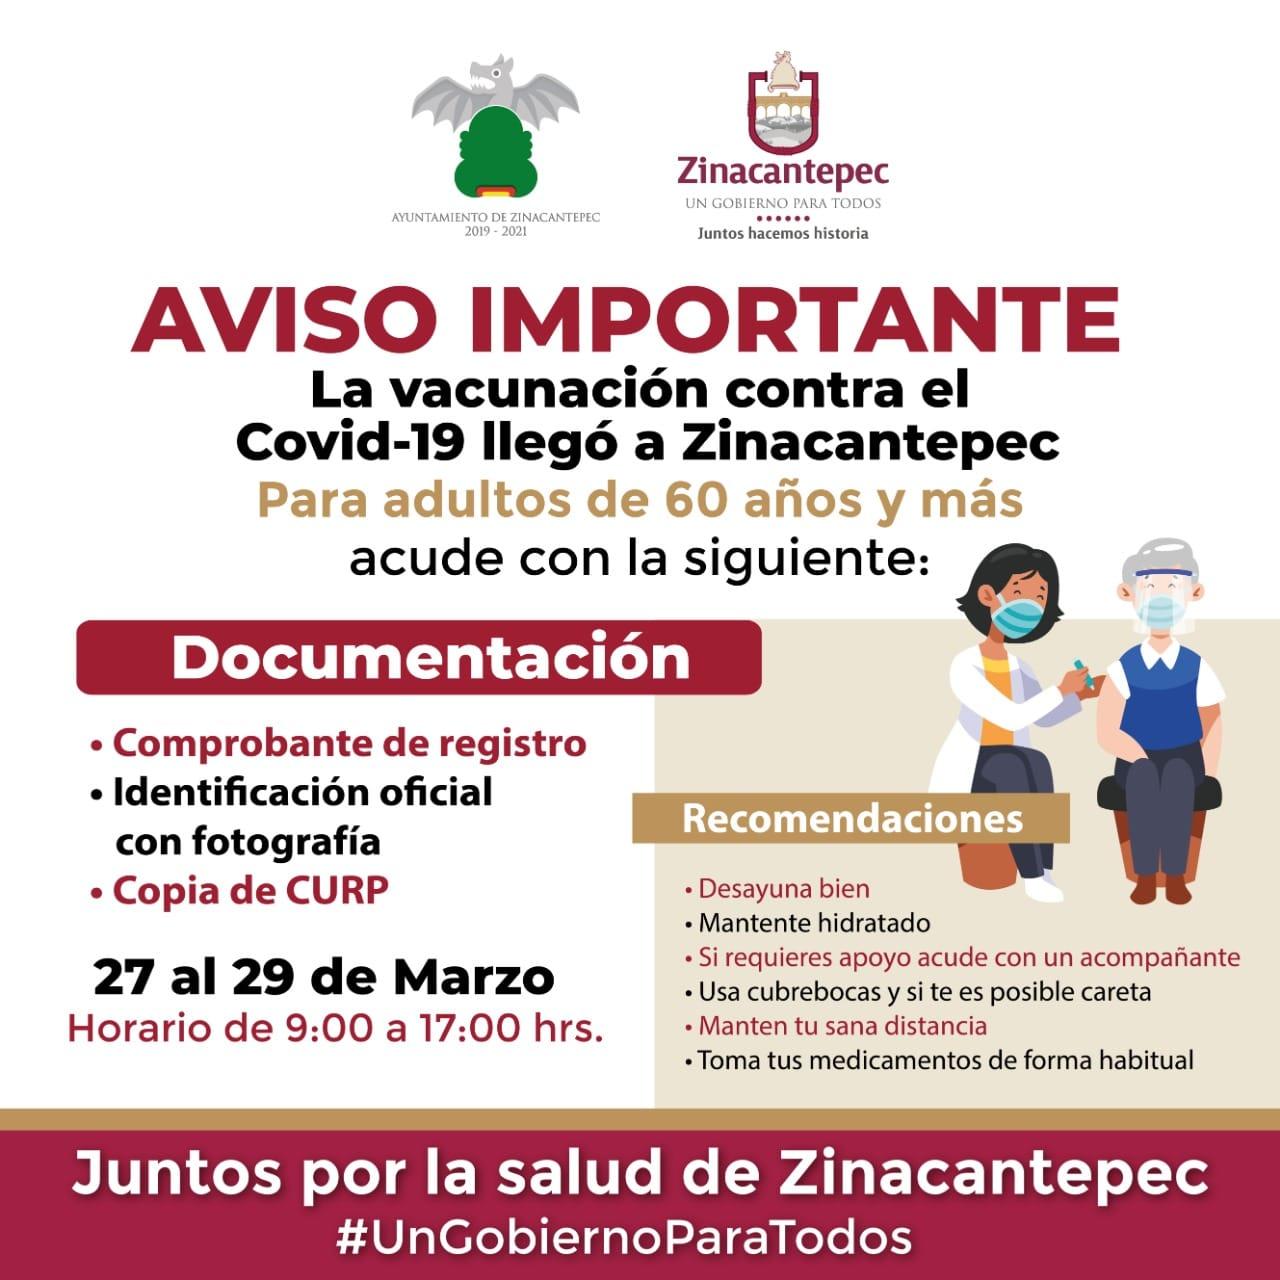 La vacunación contra COVID-19 en Zinacantepec se llevará a cabo del 27 al 29 de marzo.